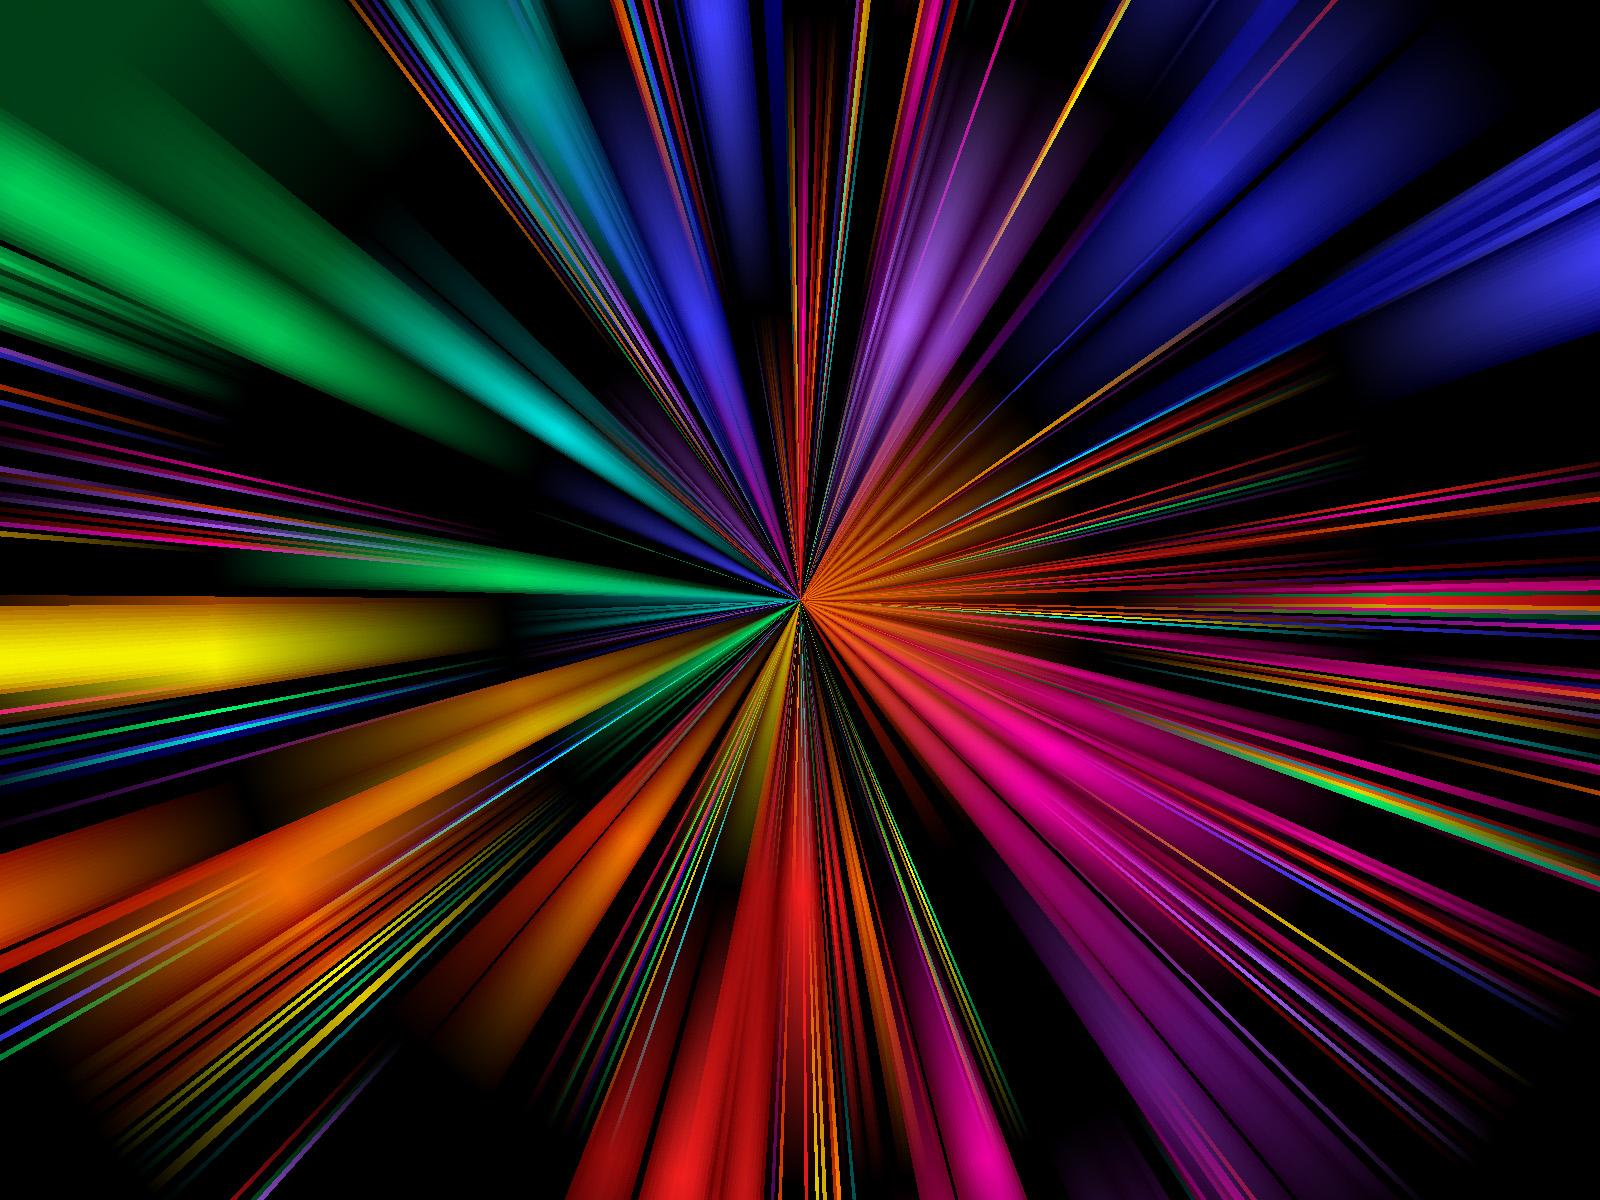 Le printemps num rique 2015 sera sous le th me de la lumi re isarta infos - Fabriquer un reflecteur de lumiere ...